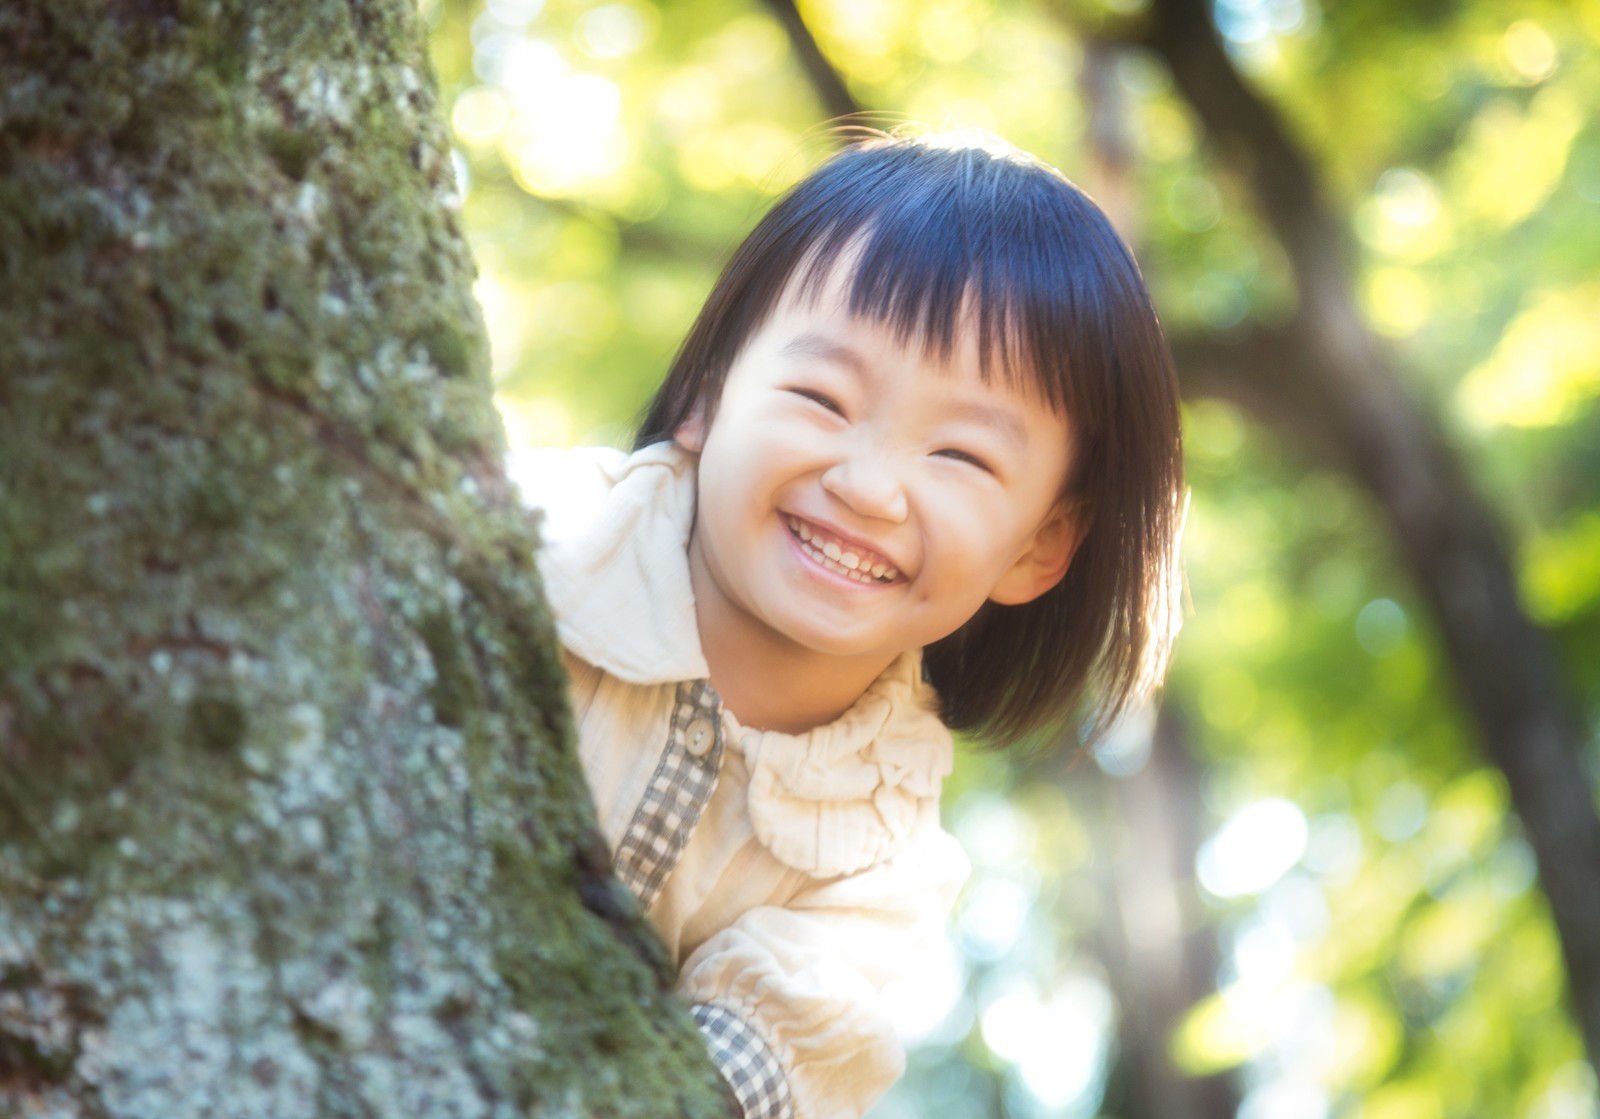 障害児を育てる日々で、気疲れしないで、安定メンタルを手に入れる生活シナリオ